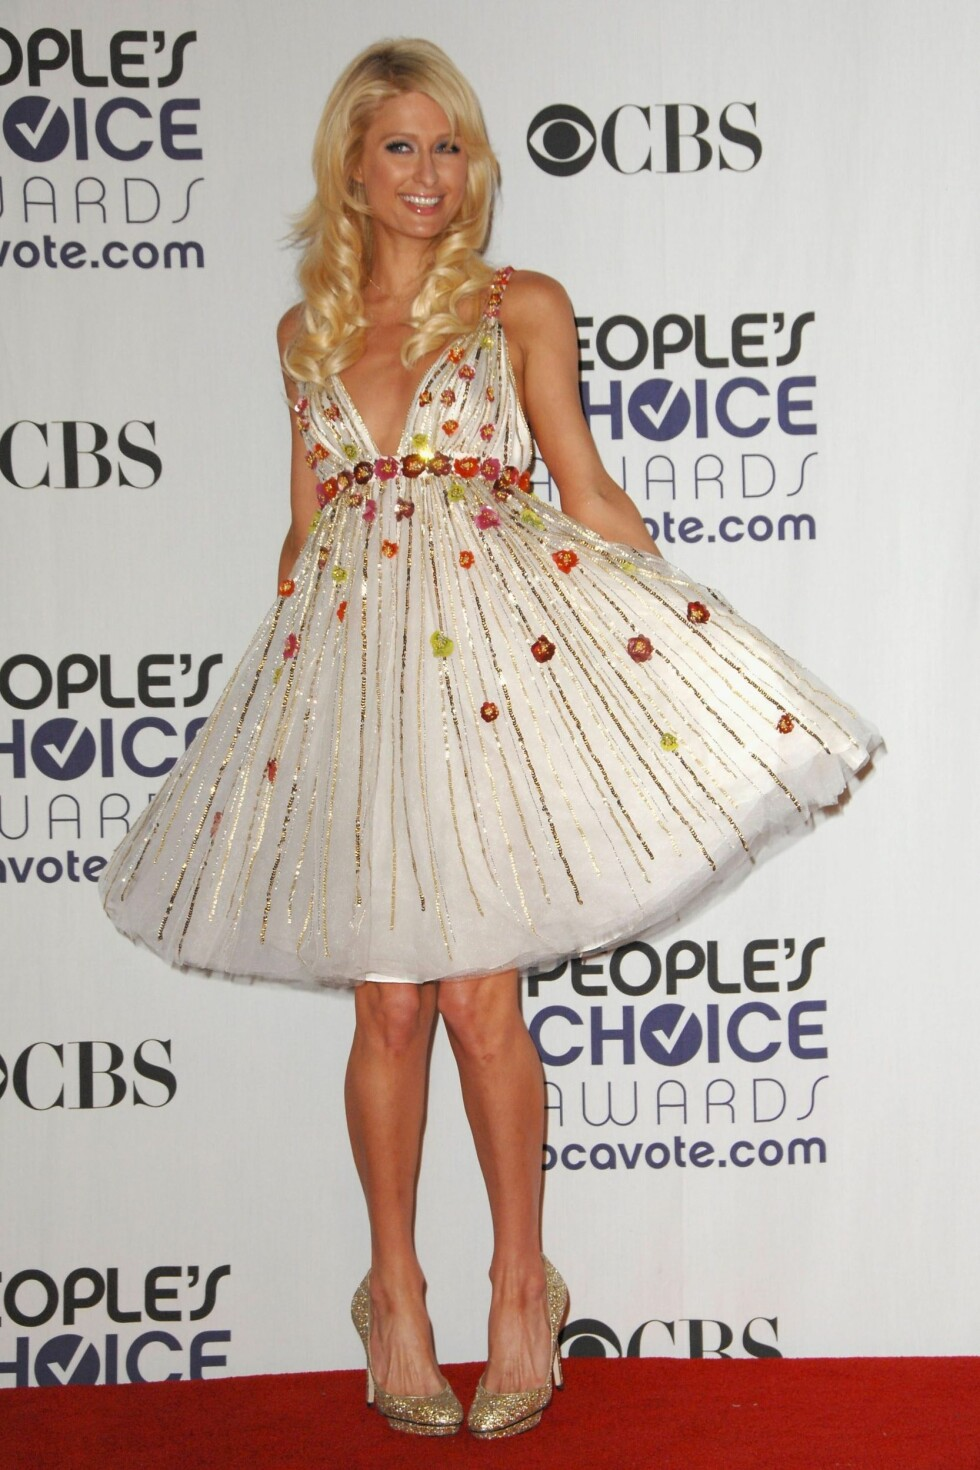 PARTY PRINSESSEN: Når hotellarving Paris Hilton dropper smykkene da vet du at det er en trend. Hun elsker nemlig alt gull som glitrer! Foto: All Over Press